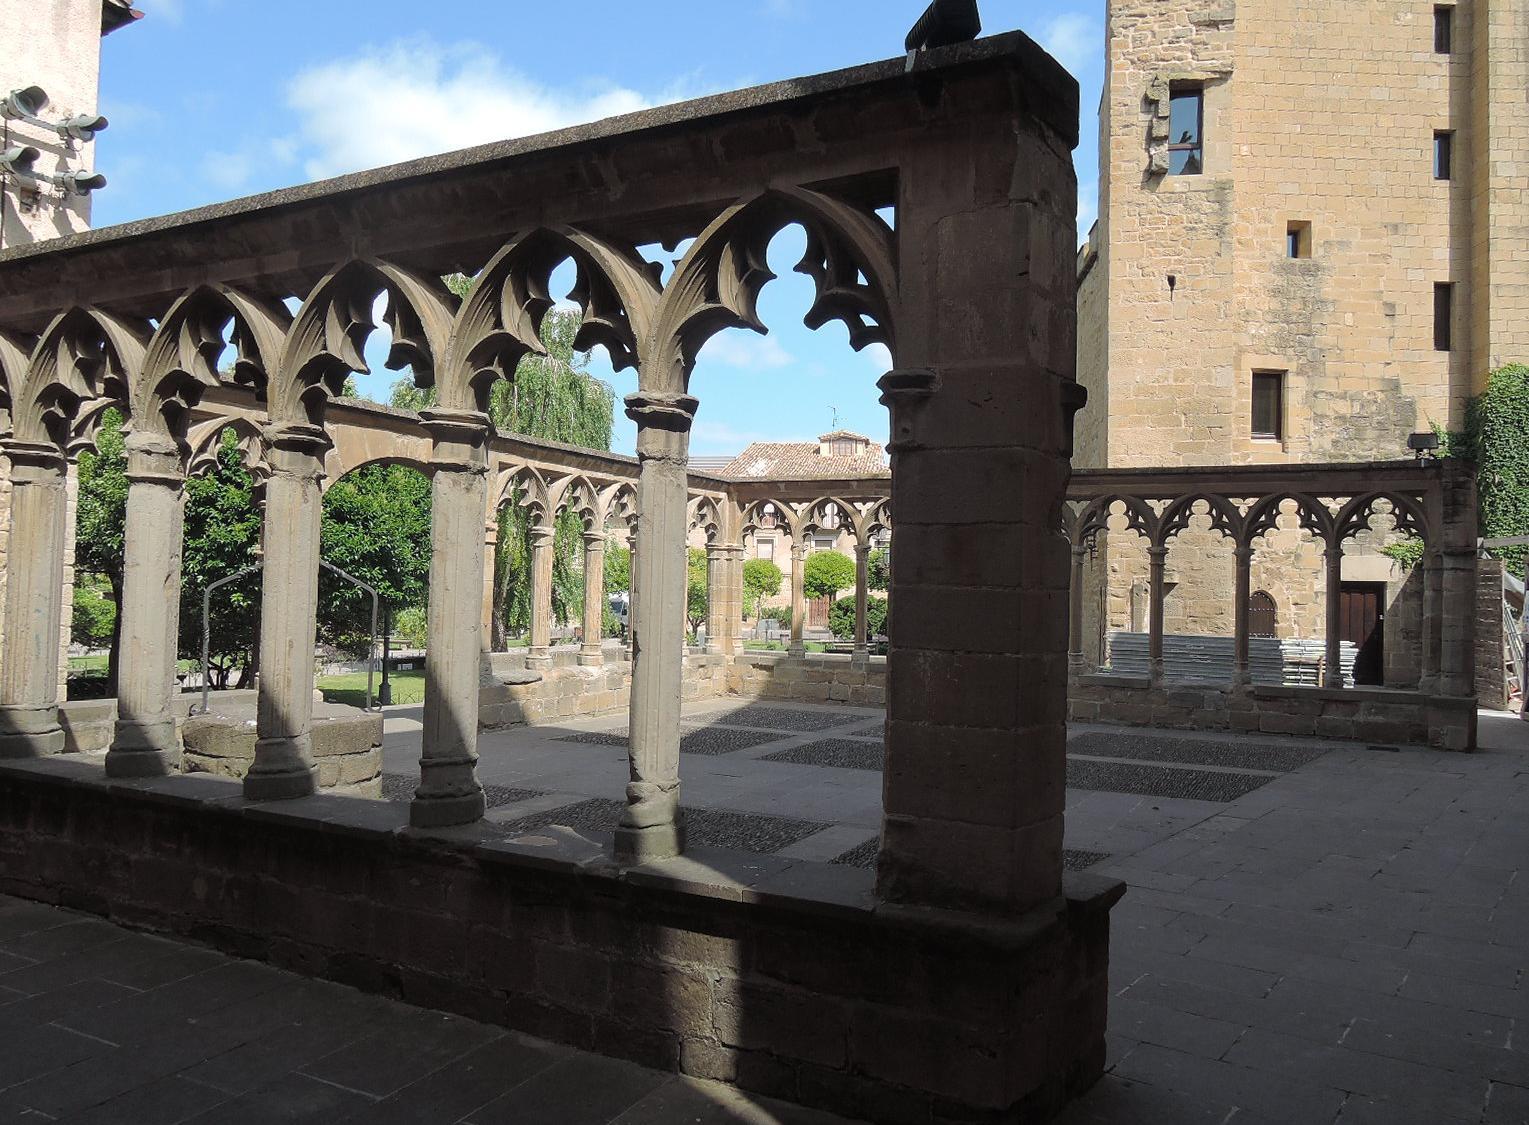 Este atrio exterior embellece y le da enorme gracia a la plaza de los Teobaldos.